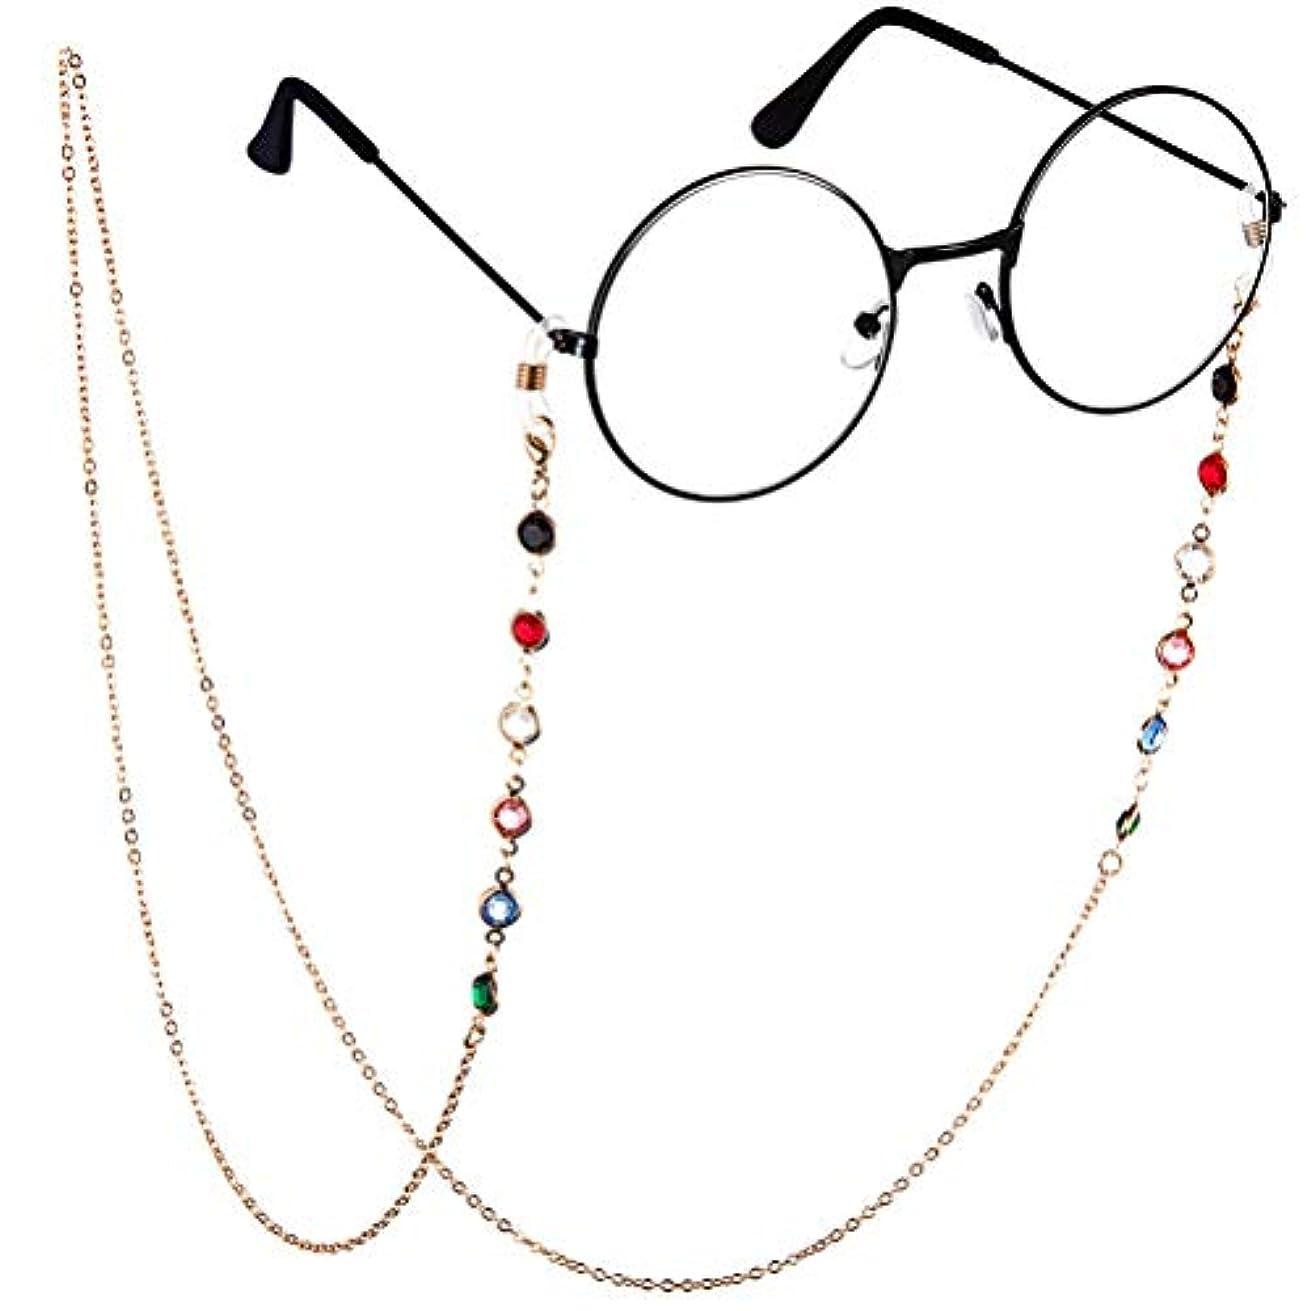 超高層ビルできればウェイトレスBTSMAT ファッションジェムメガネチェーンメガネ老眼鏡メガネメガネホルダーストラップストラップ